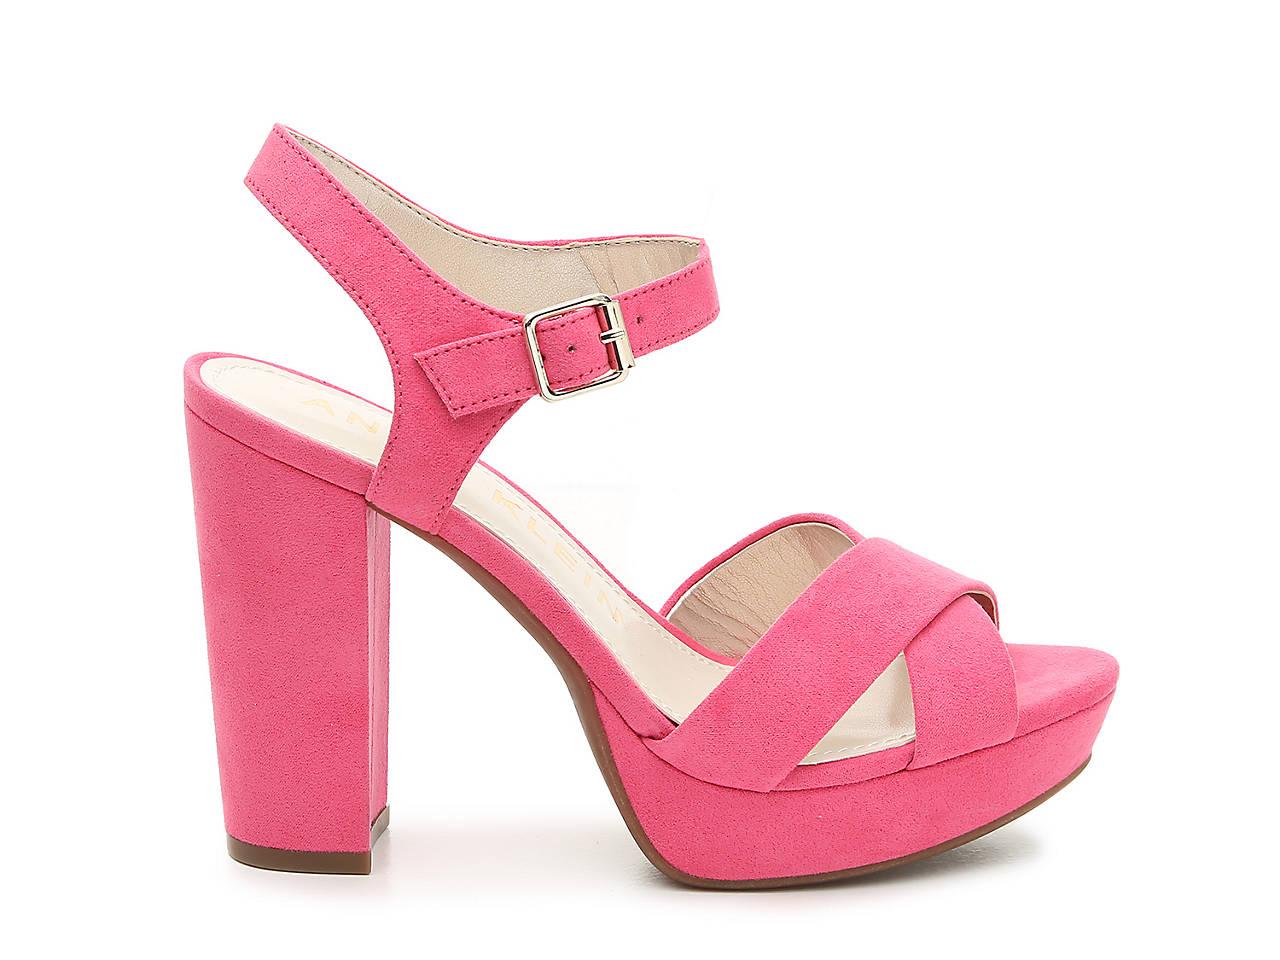 475ec6a55e7 Anne Klein Lalima Platform Sandal Women s Shoes